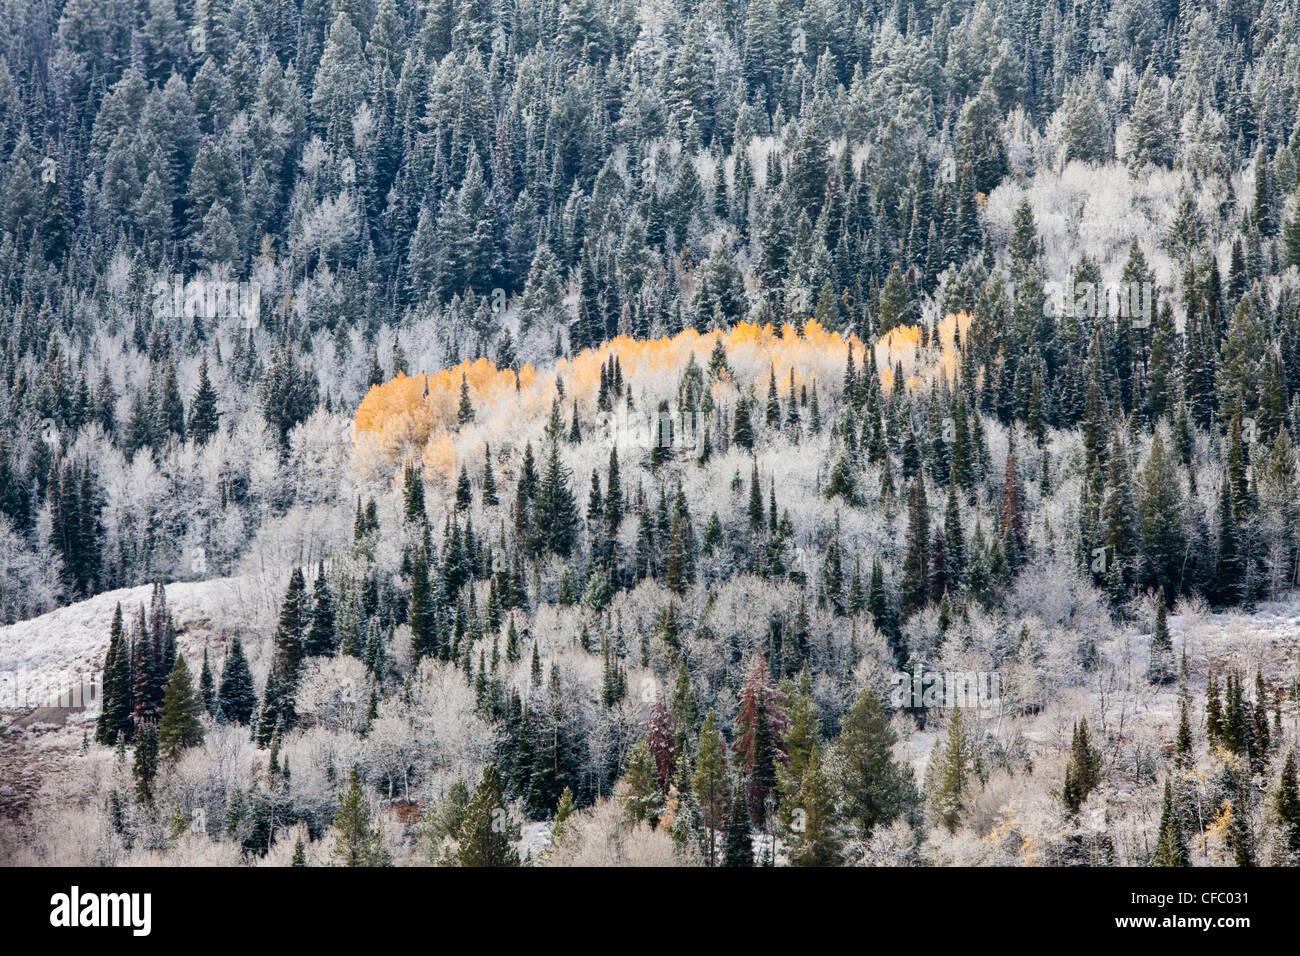 Stati Uniti d'America, Stati Uniti, America, Wyoming Autunno, freddo, alberi di pino, neve, legno, foglie di Immagini Stock